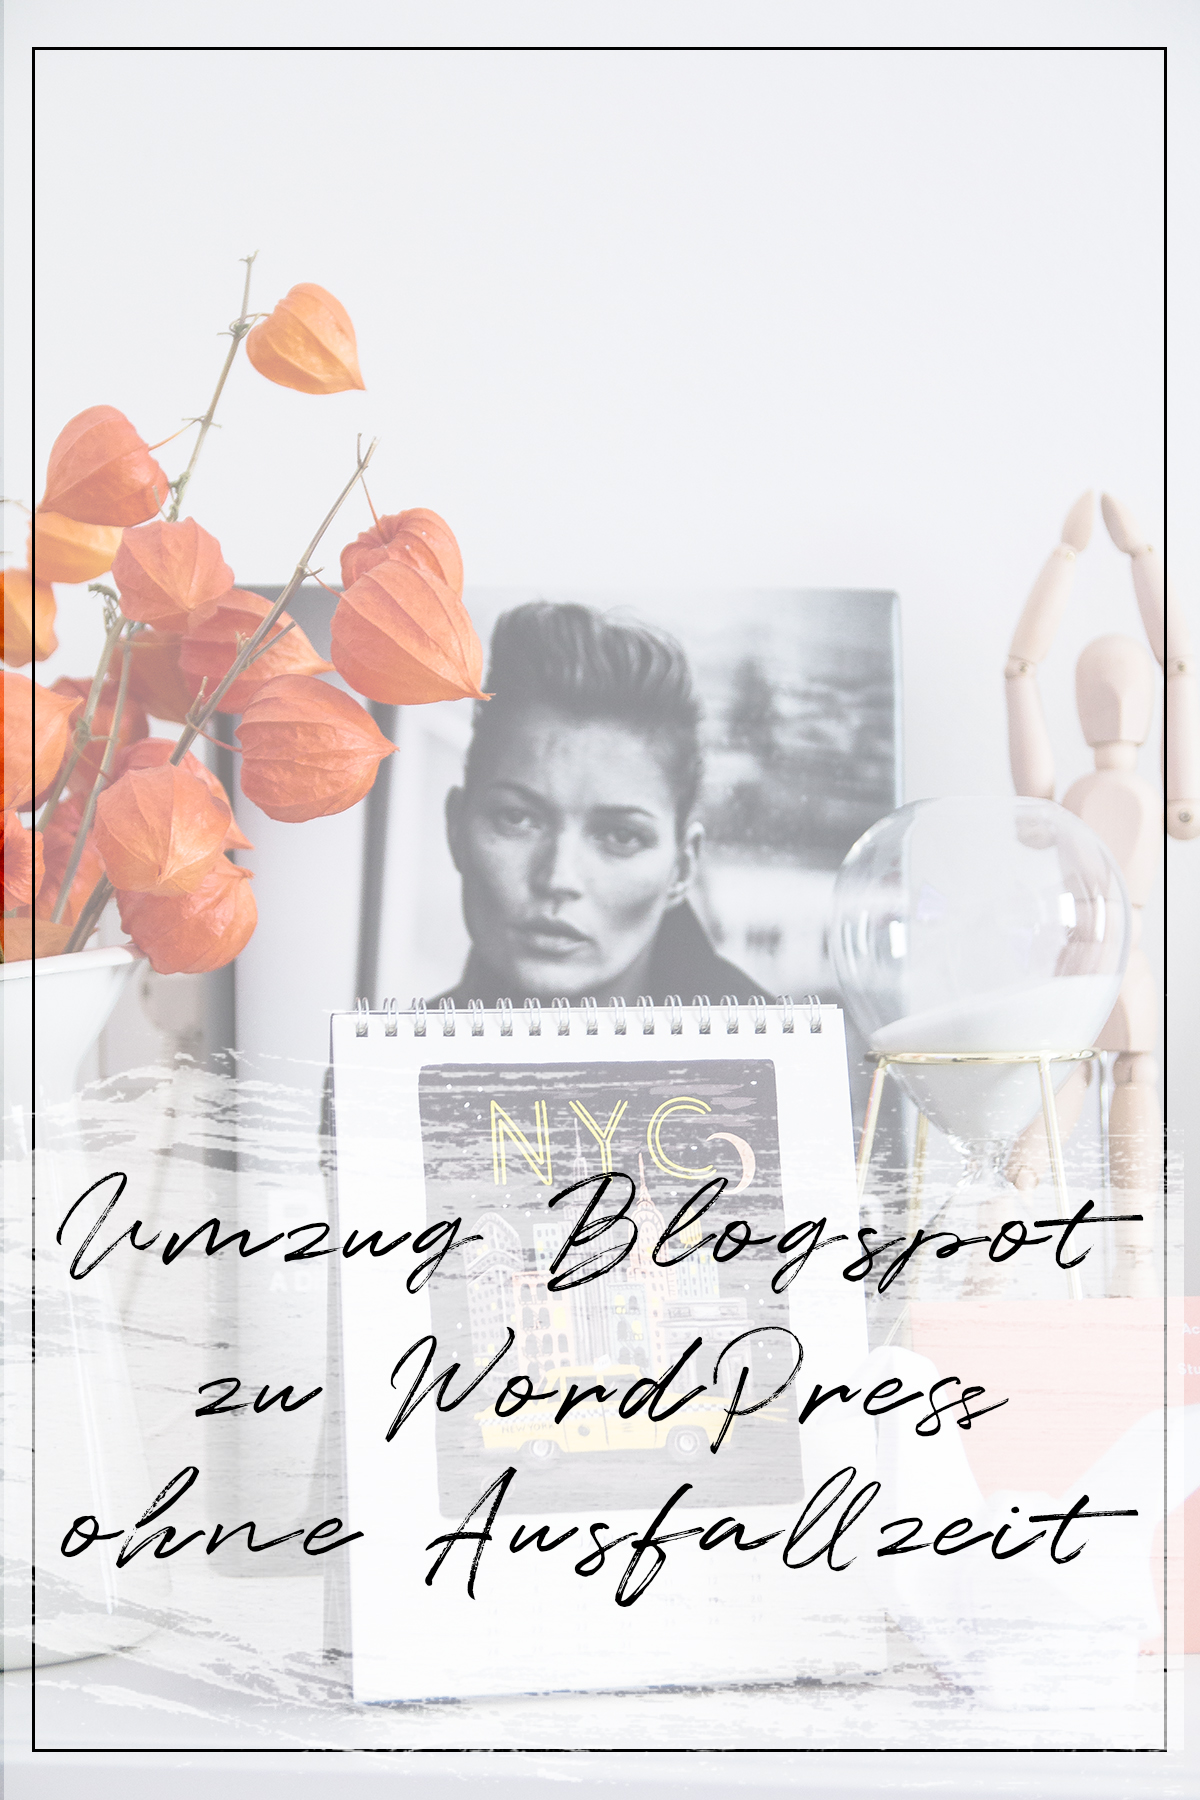 Umzug Blogspot zu WordPress, Ausfallzeit vermeiden, downtime